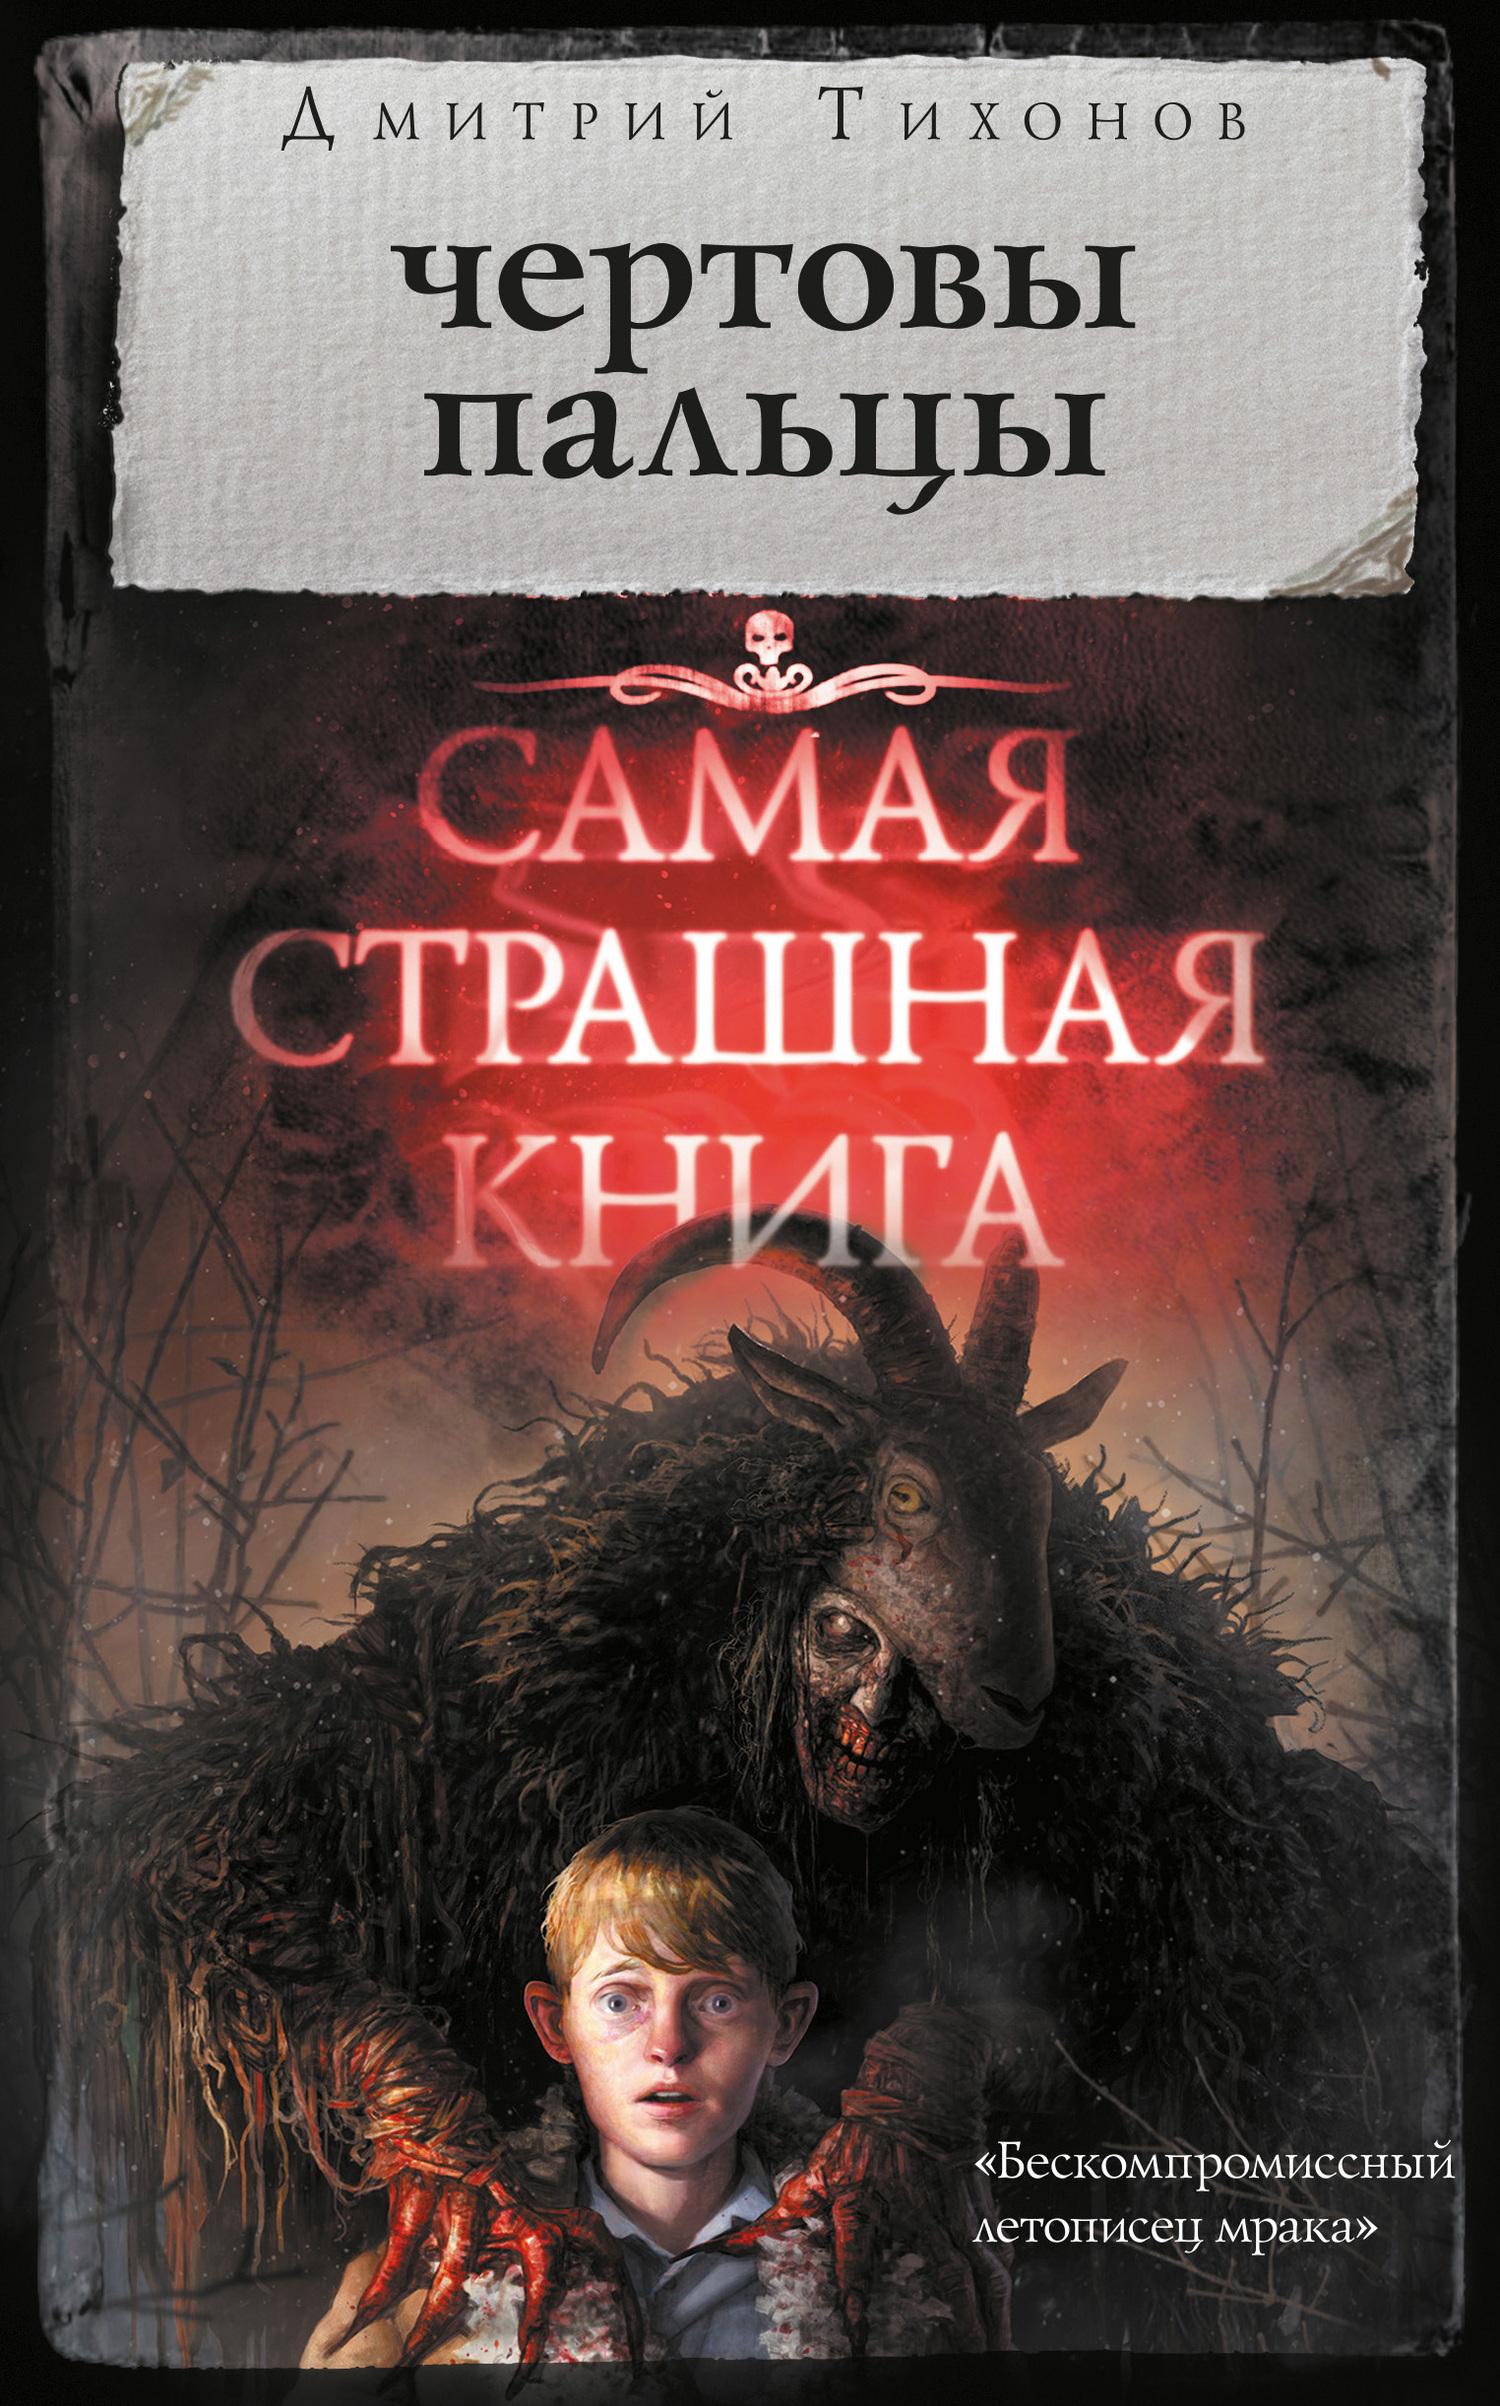 Дмитрий Тихонов - Чертовы пальцы (сборник)